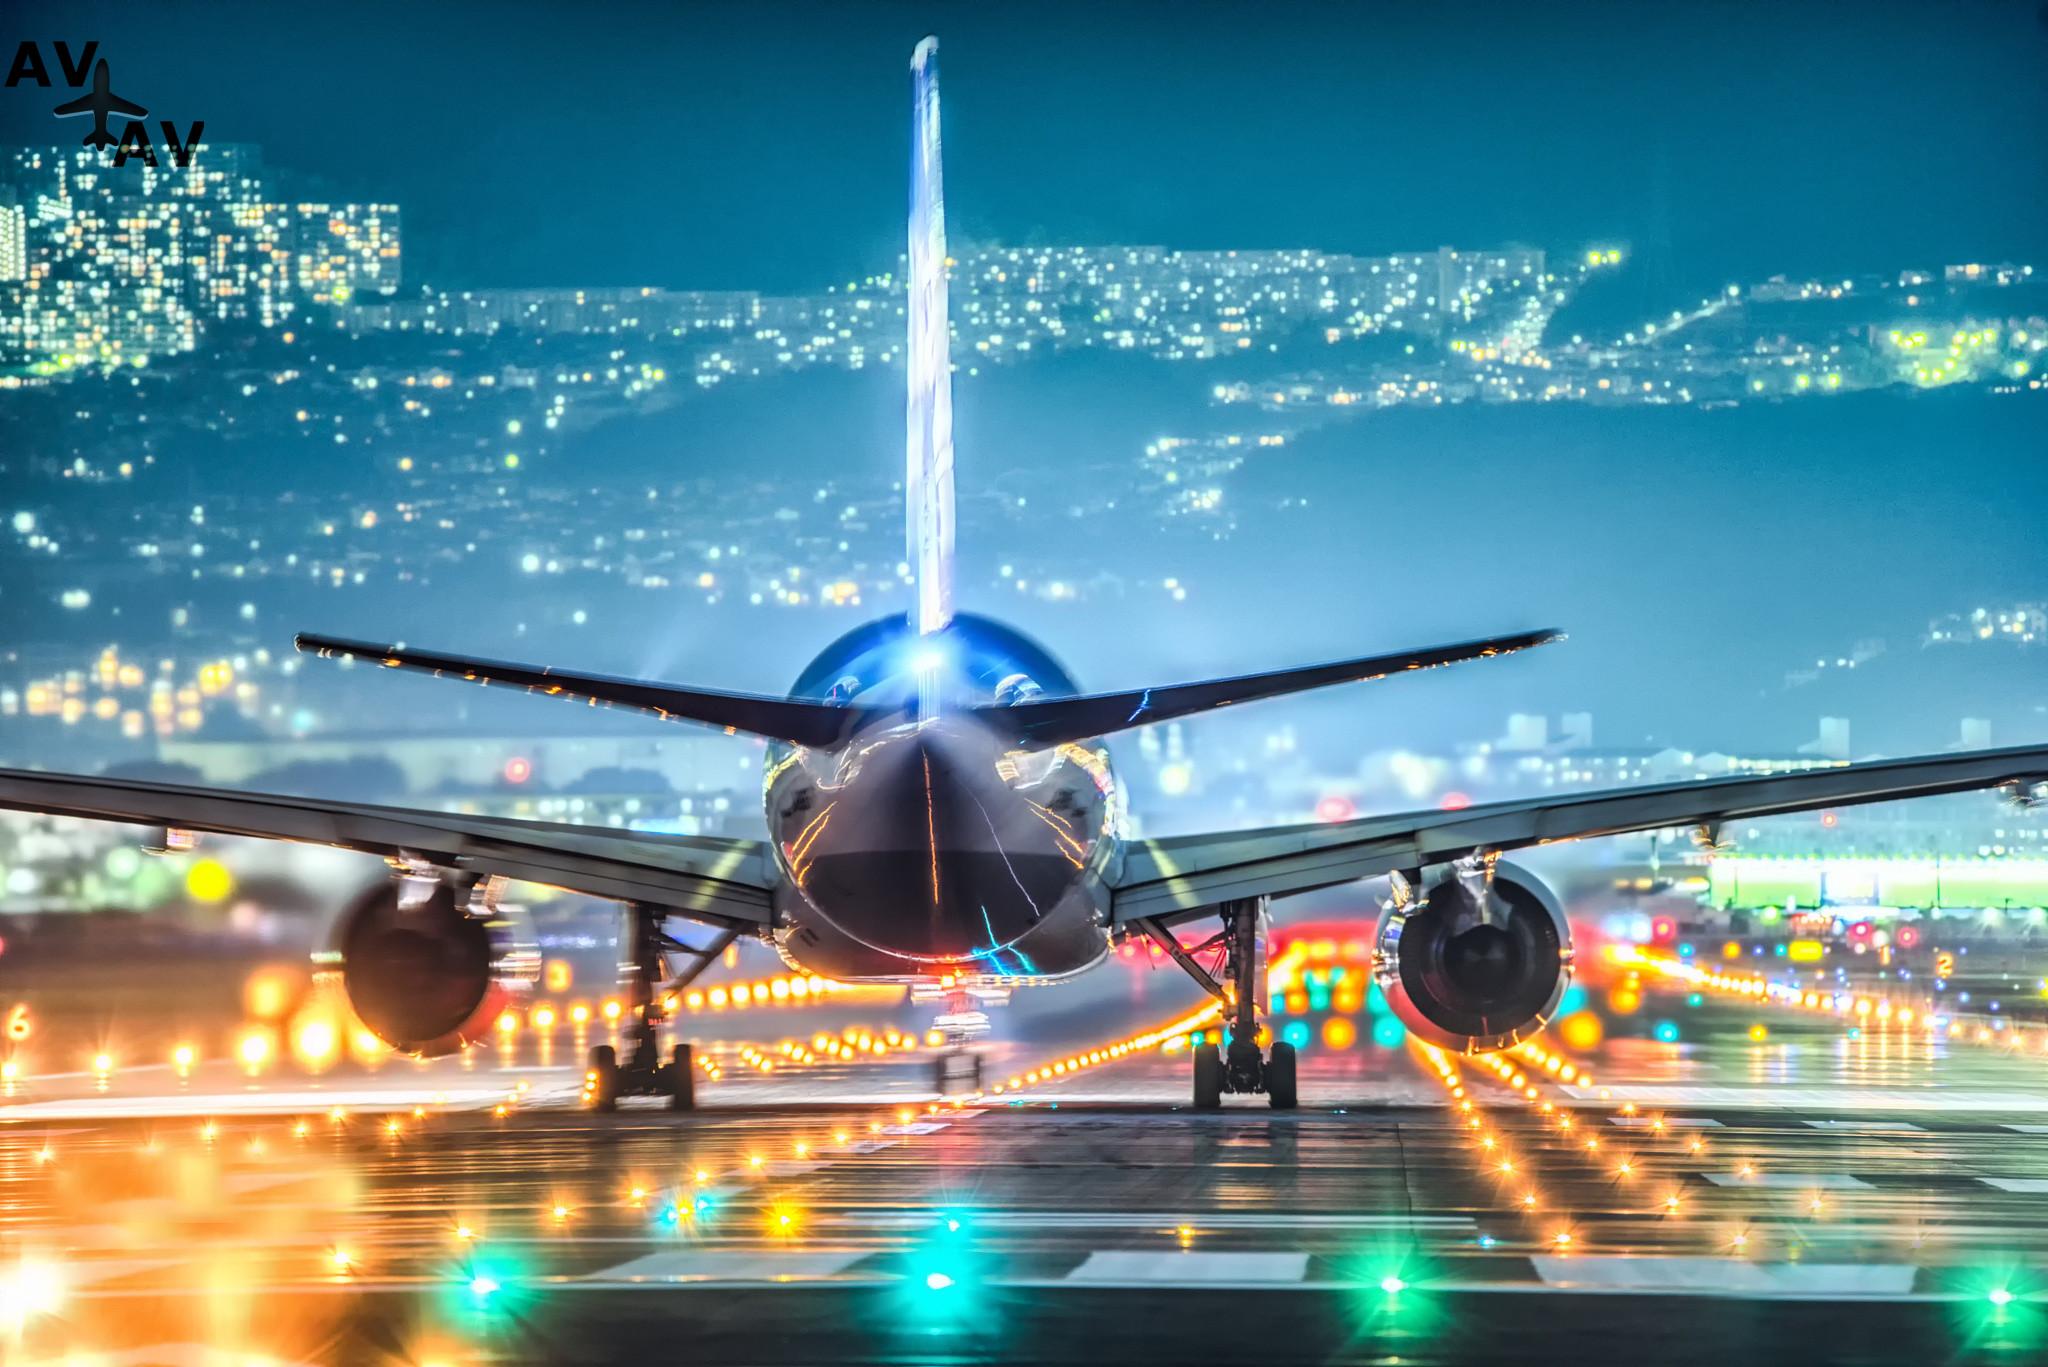 403417797 runway wallpapers - Для чего знаменитости приобретают самолеты